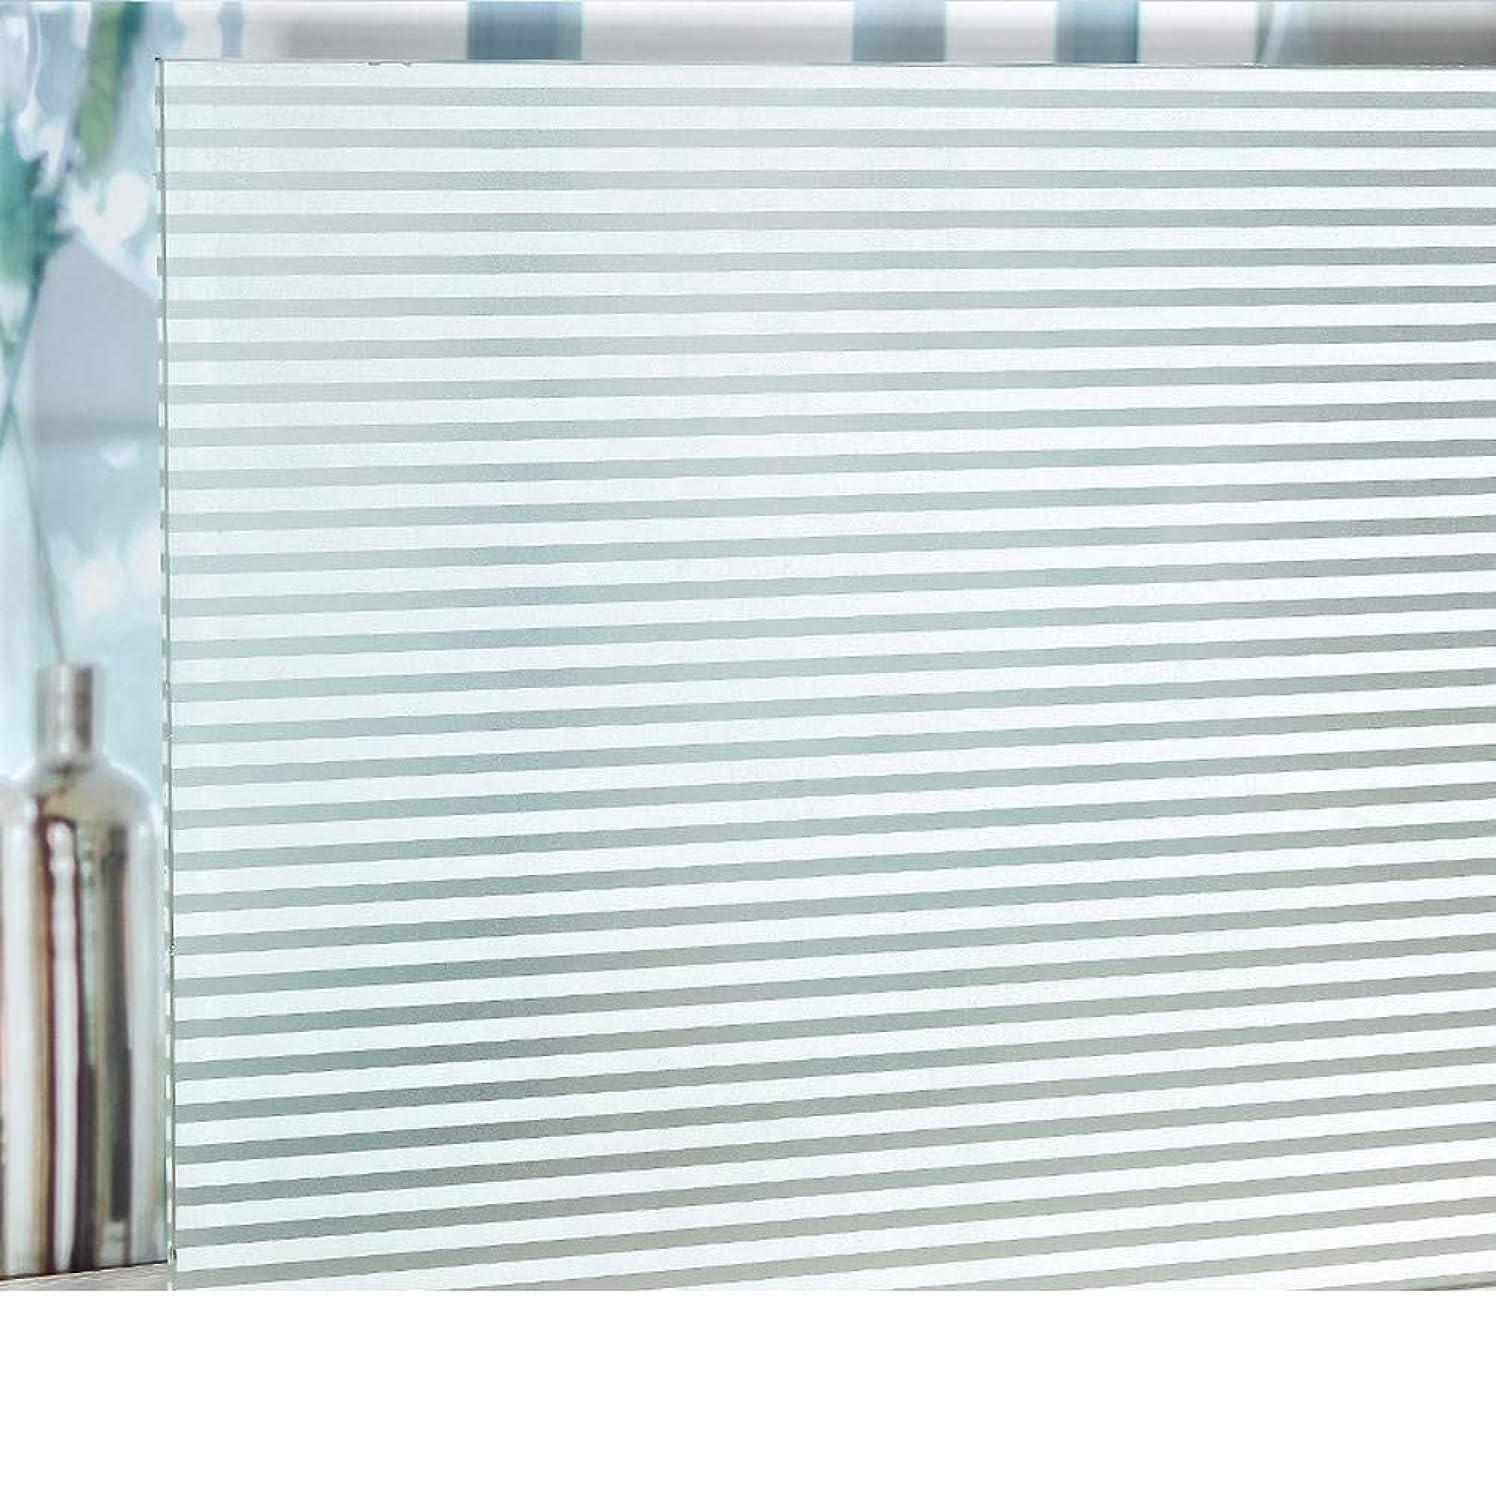 拍手ペチコート力強いYiwanda 窓用フィルム 目隠しシート ガラスフィルム UVカット 紫外線対策 飛散防止 跡なくはがせる 防寒 省エネ 断熱 遮光 浴室 (90*500CM,11)